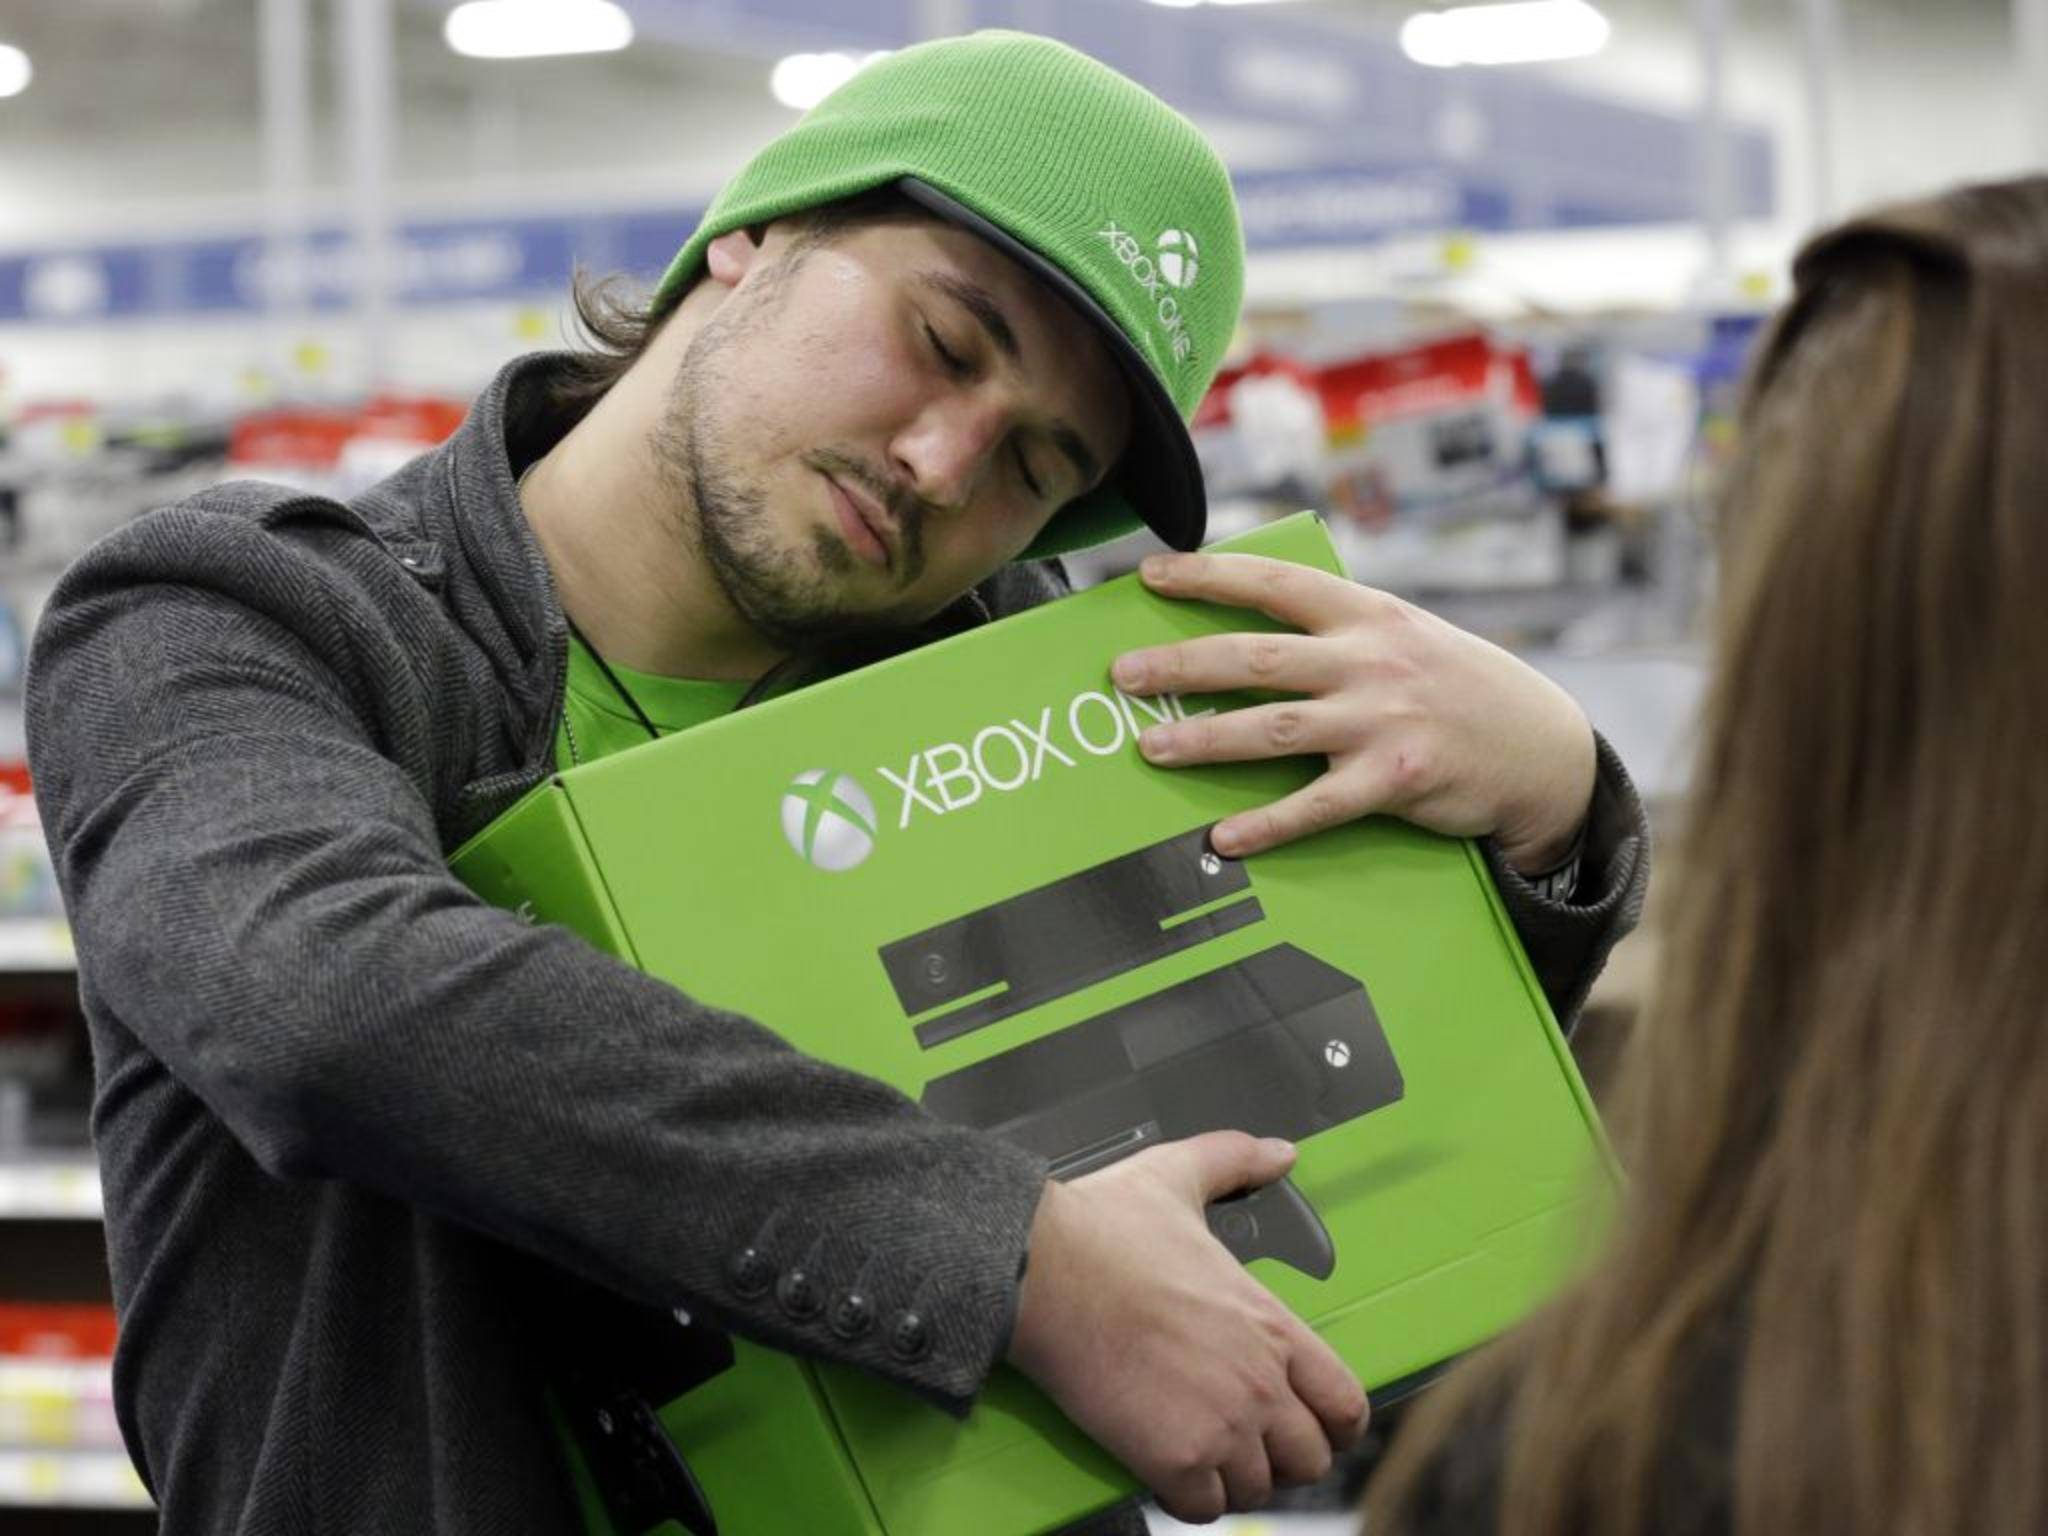 Zum Knuddeln: Immer mehr Gamer greifen zur Xbox One.